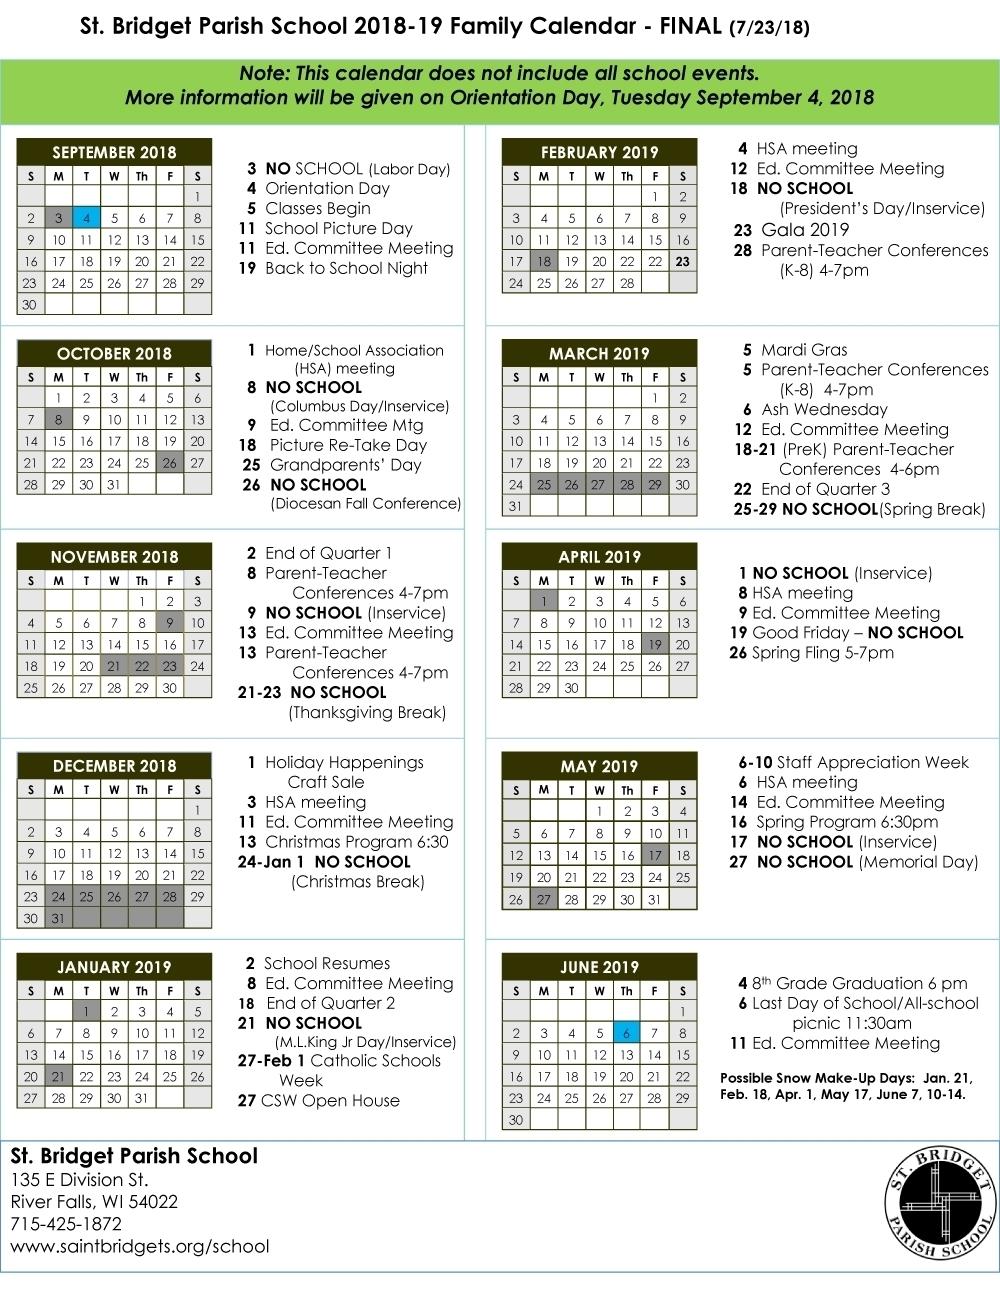 Catholic Liturgical Calendar 2020 Pdf - Calendar Inspiration pertaining to Liturgical Calendar 2020 Catholic Printable